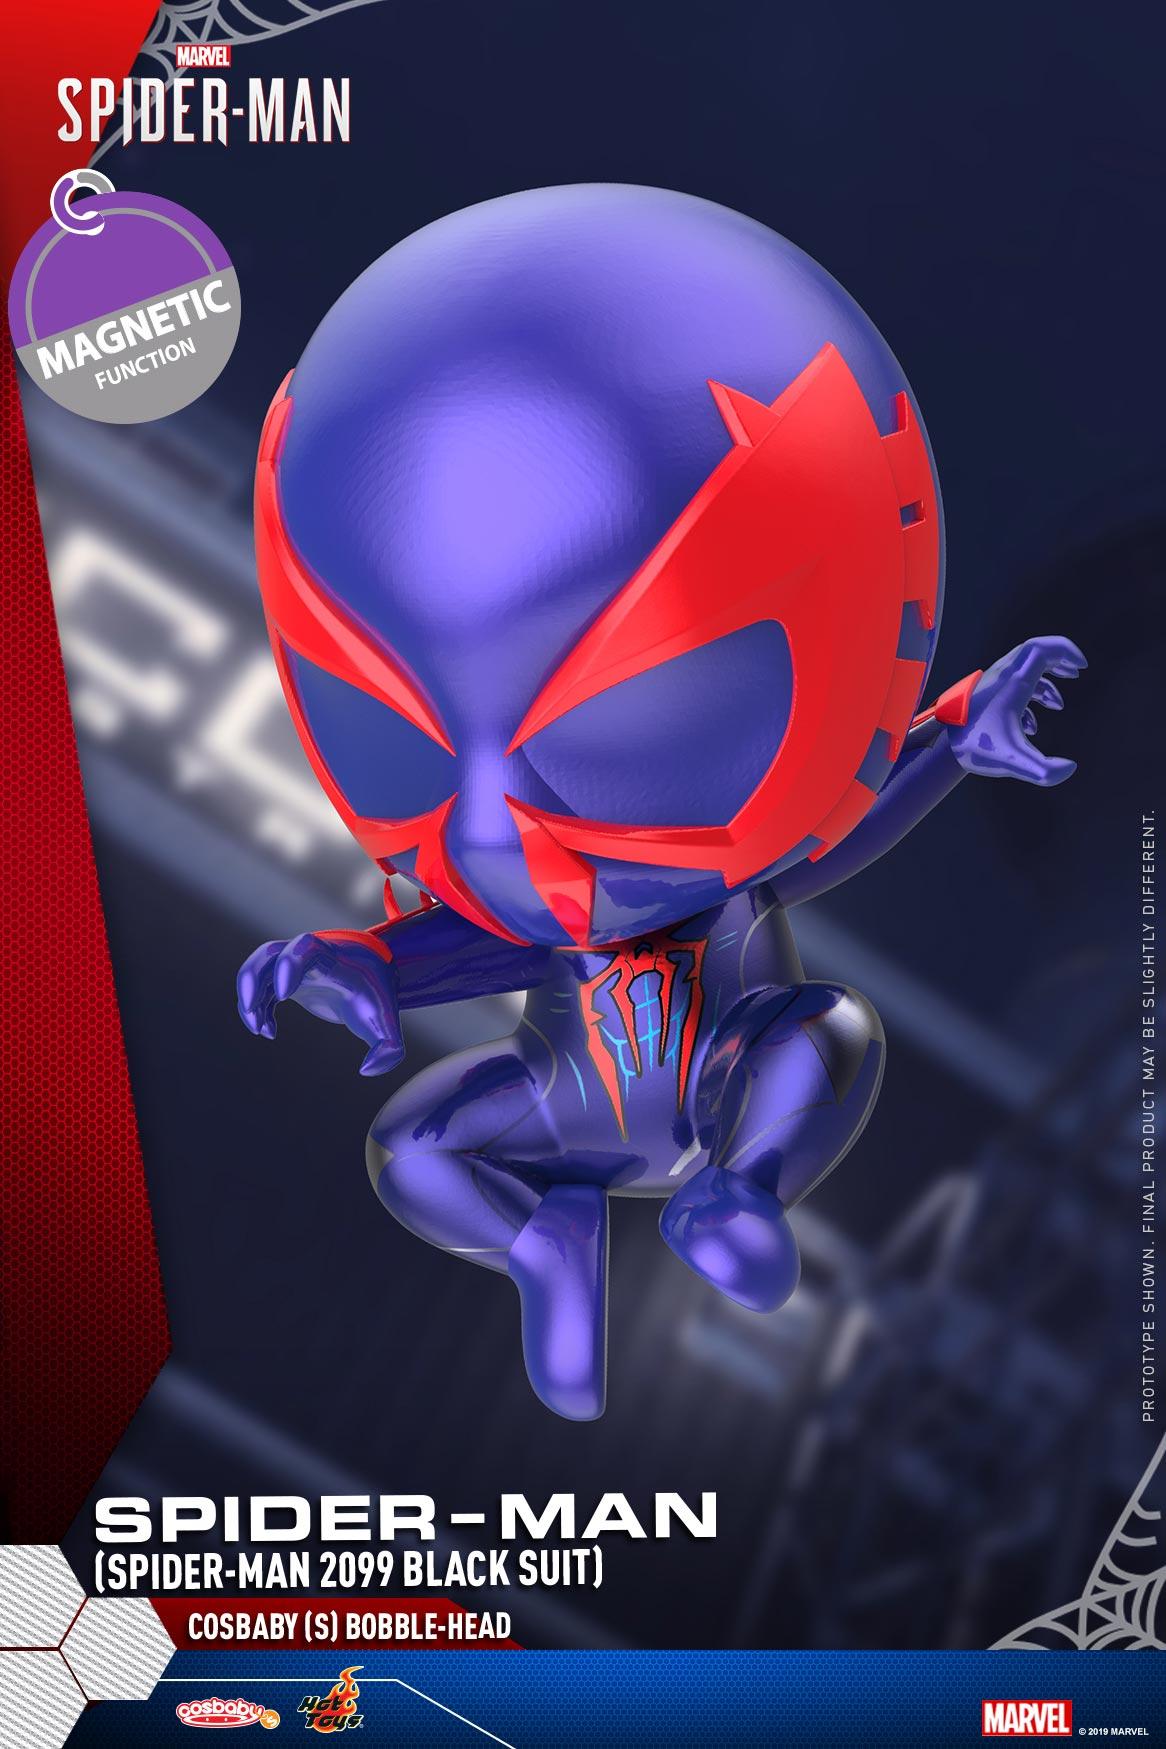 Hot-Toys---Marvel-Spider-Man---Spider-Man-(Spider-Man-2099-Black-Suit)-Cosbaby-(S)_PR2